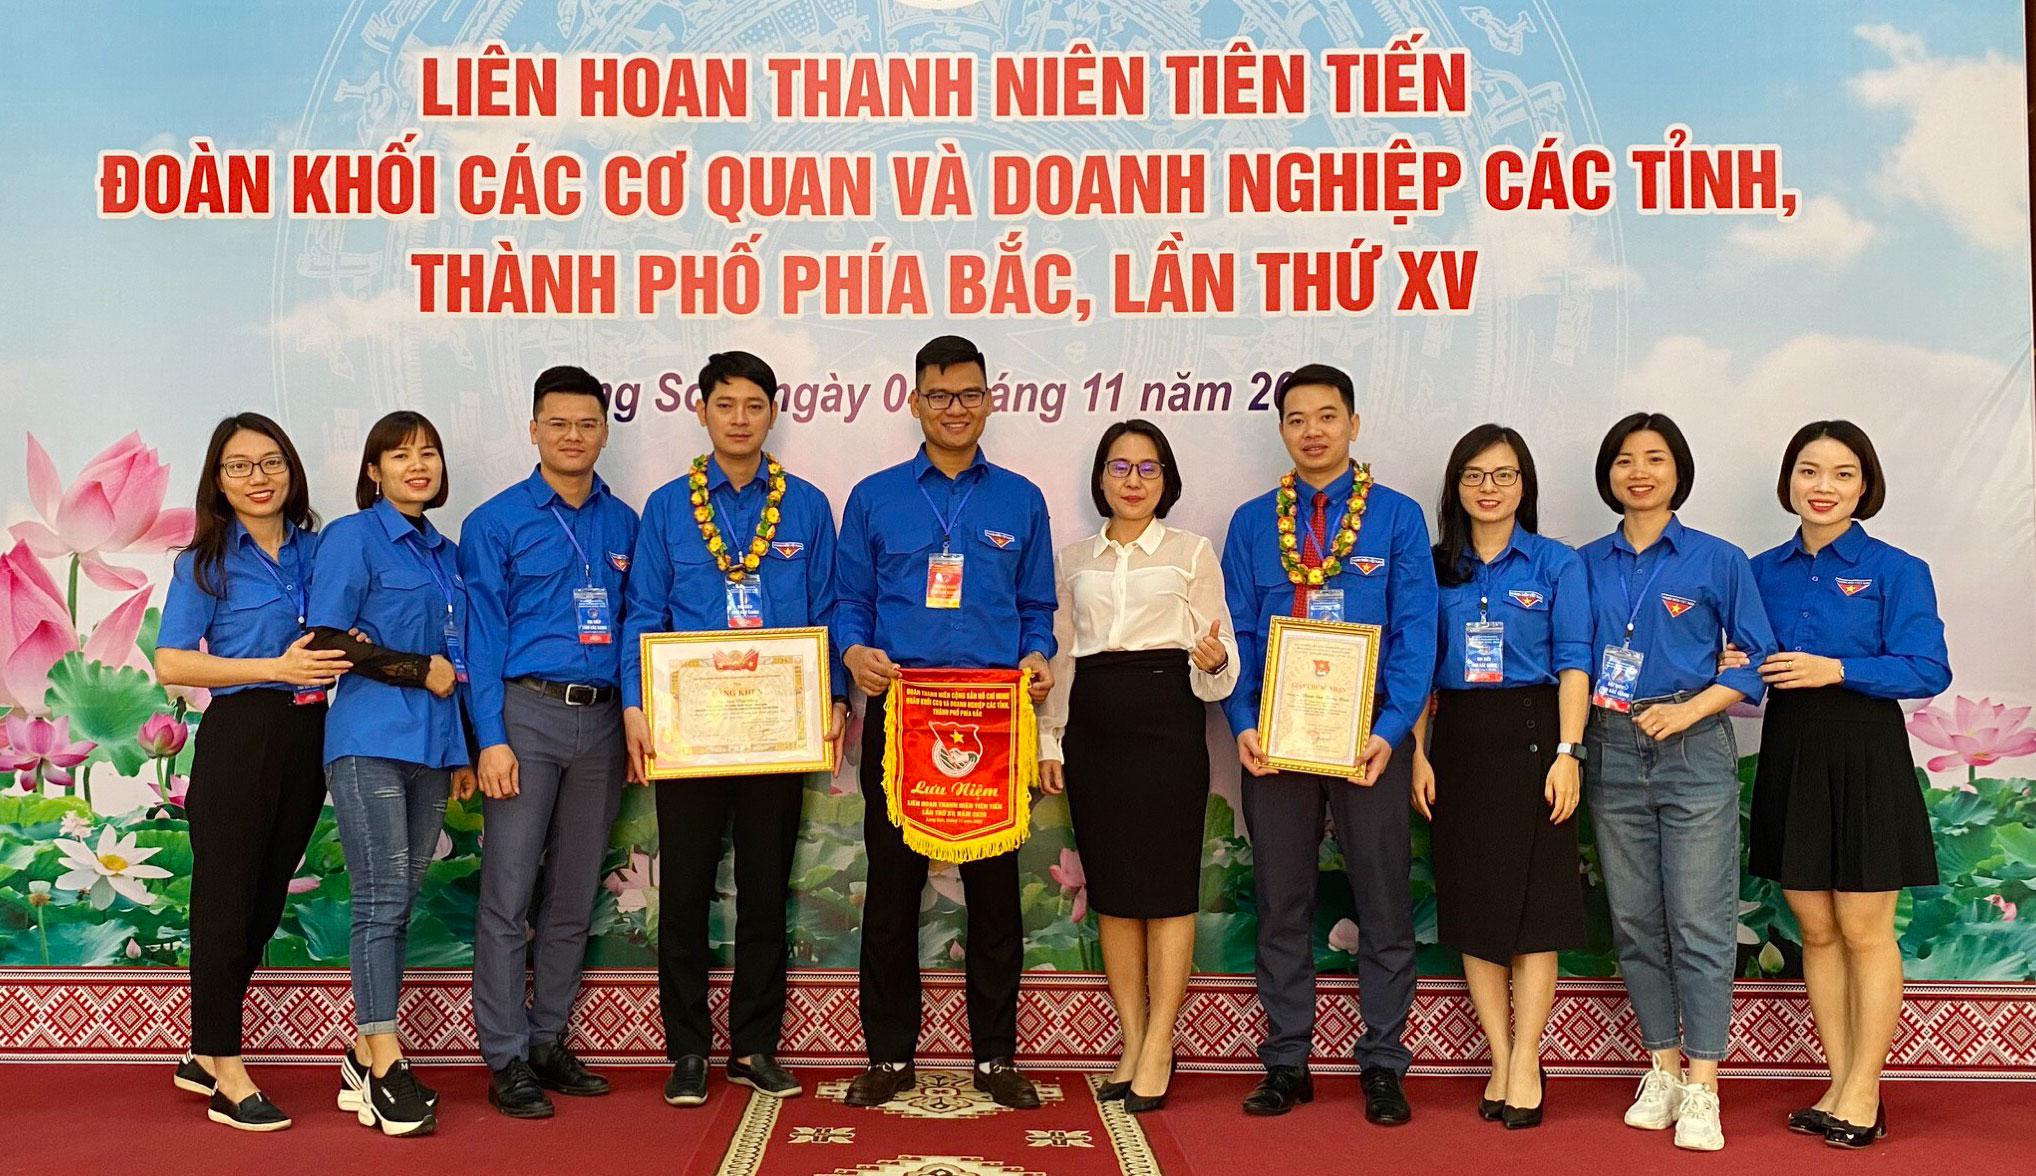 Cán bộ đoàn giỏi chuyên môn, đam mê tình nguyện